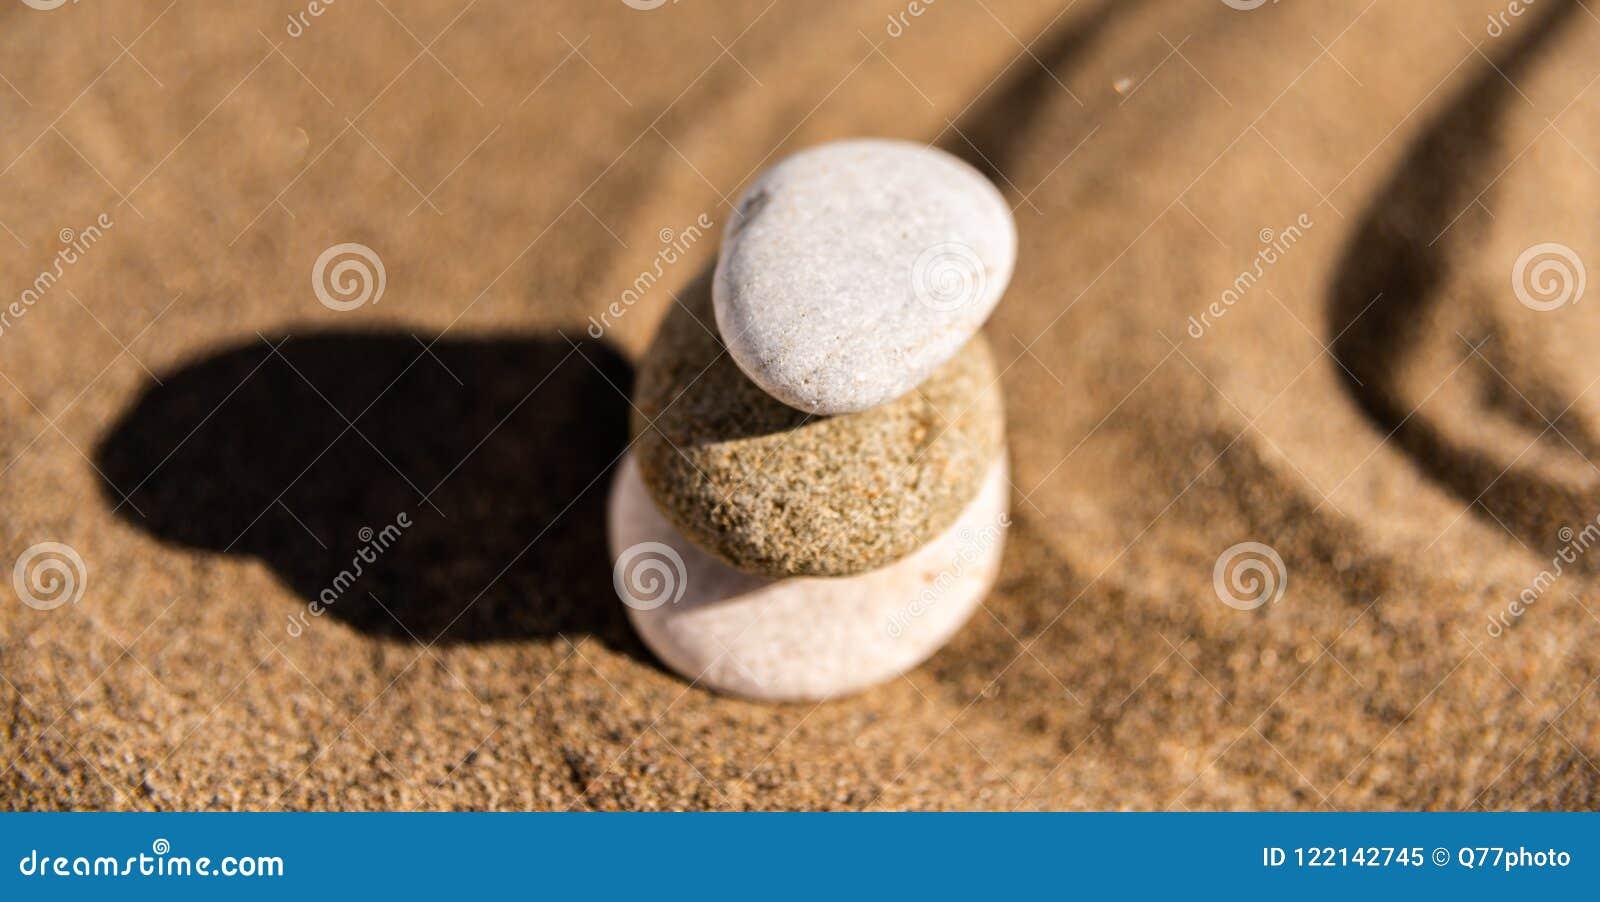 Piedra de la meditación del zen en arena, el concepto para la armonía de la pureza y el spi